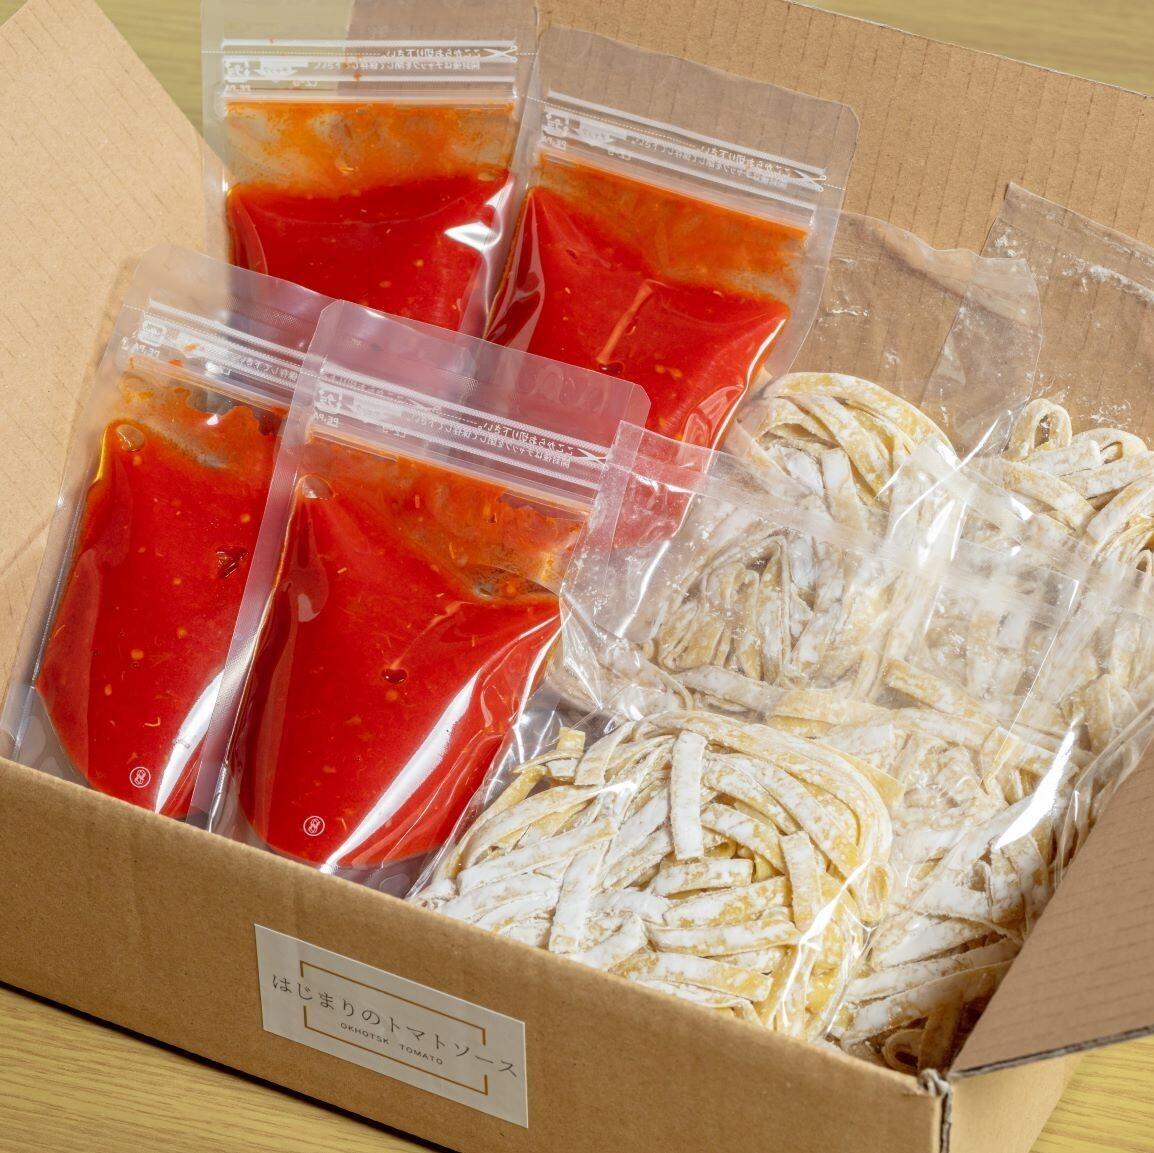 【支援額 25000円(40食分)】 東京農大オホーツクの学生をトマトソースパスタで支援したい!